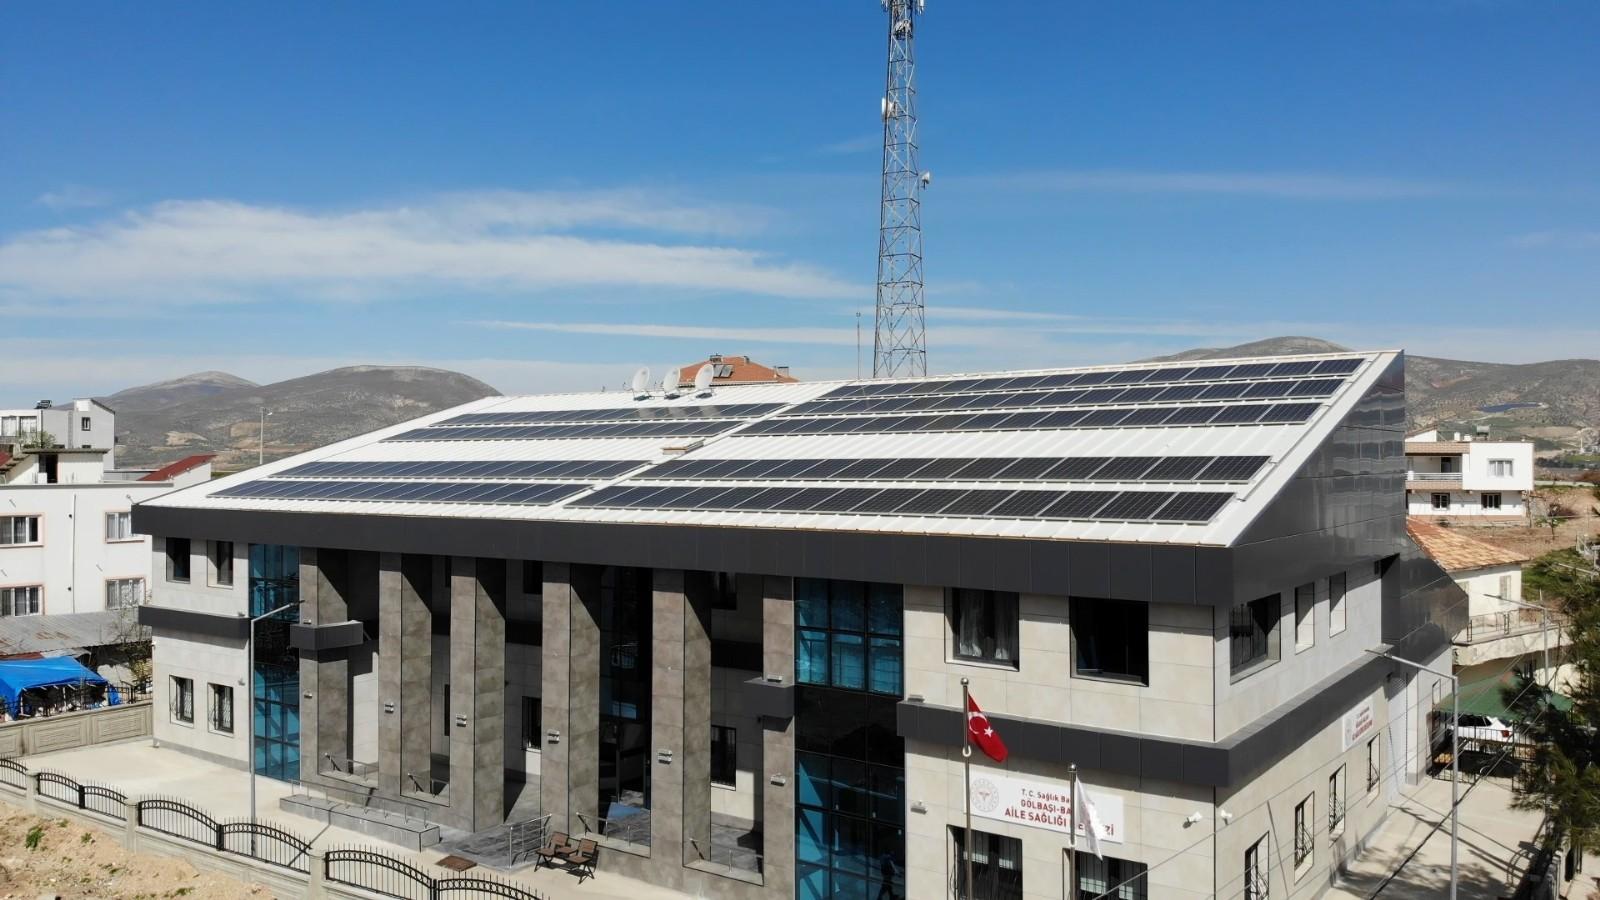 Adıyaman'da sağlık tesisleri kendi elektriğini üretiyor